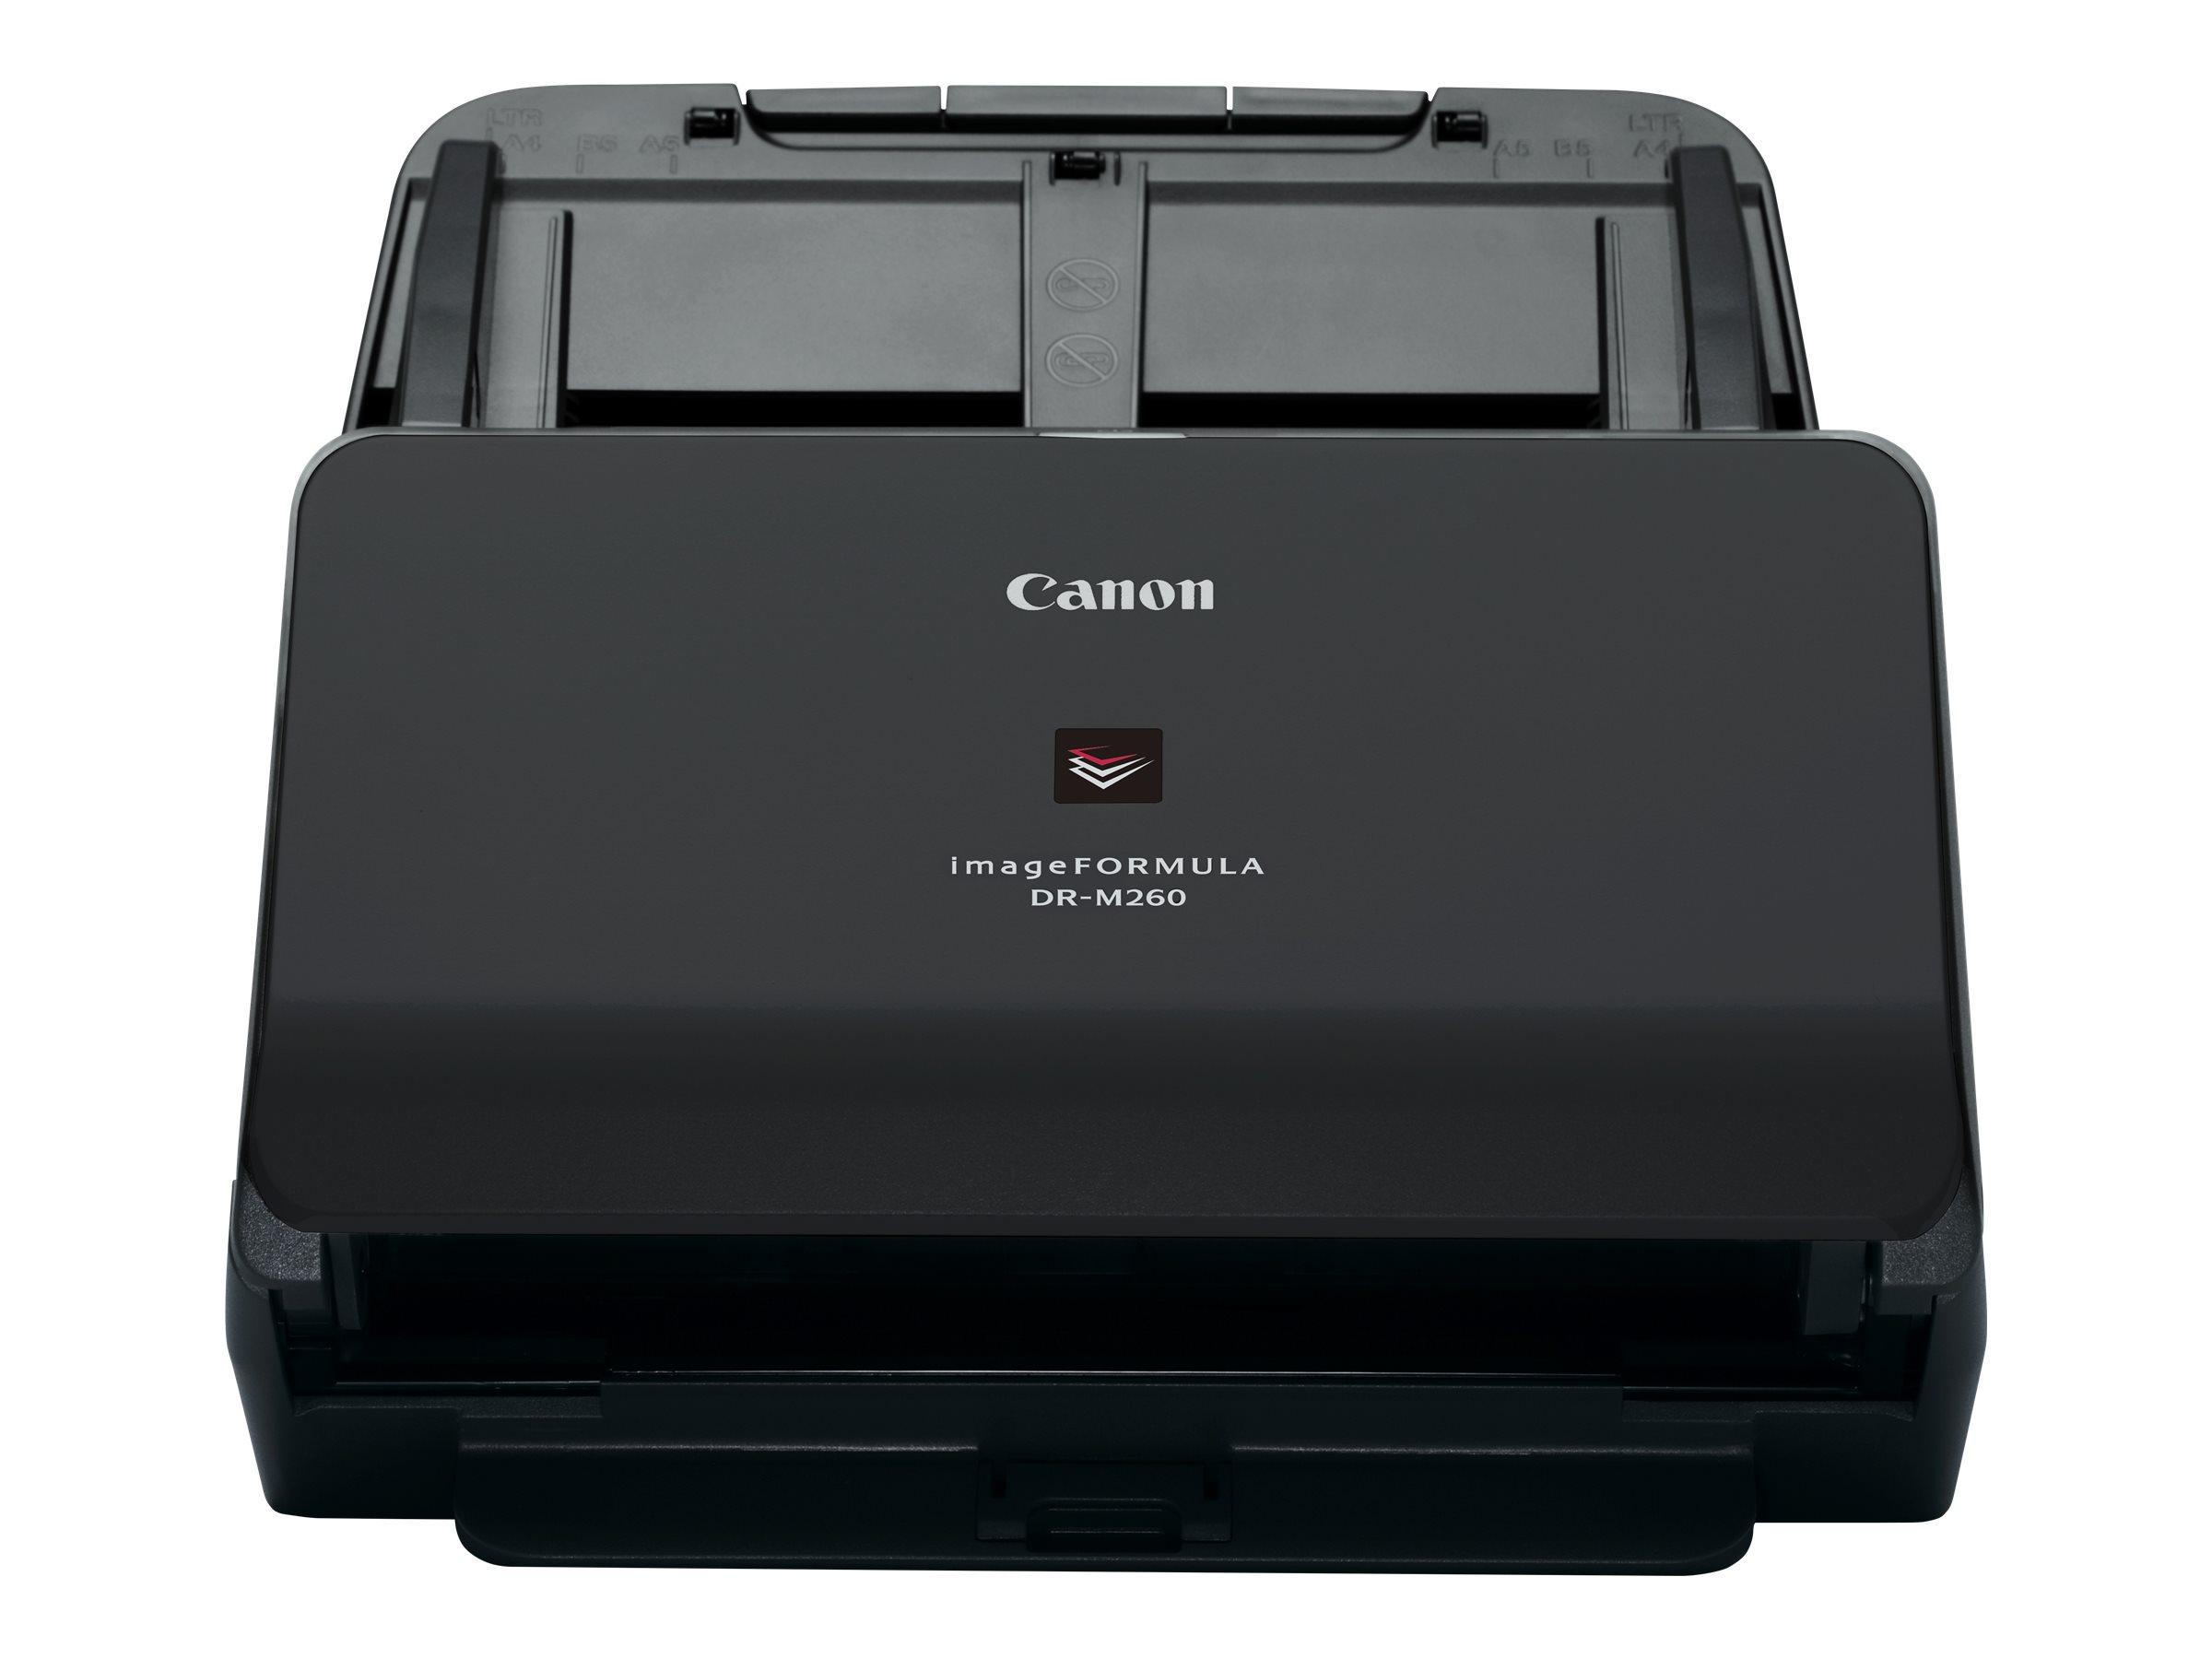 Canon imageFORMULA DR-M260 - Dokumentenscanner - Duplex - 216 x 5588 mm - 600 dpi x 600 dpi - bis zu 60 Seiten/Min. (einfarbig)